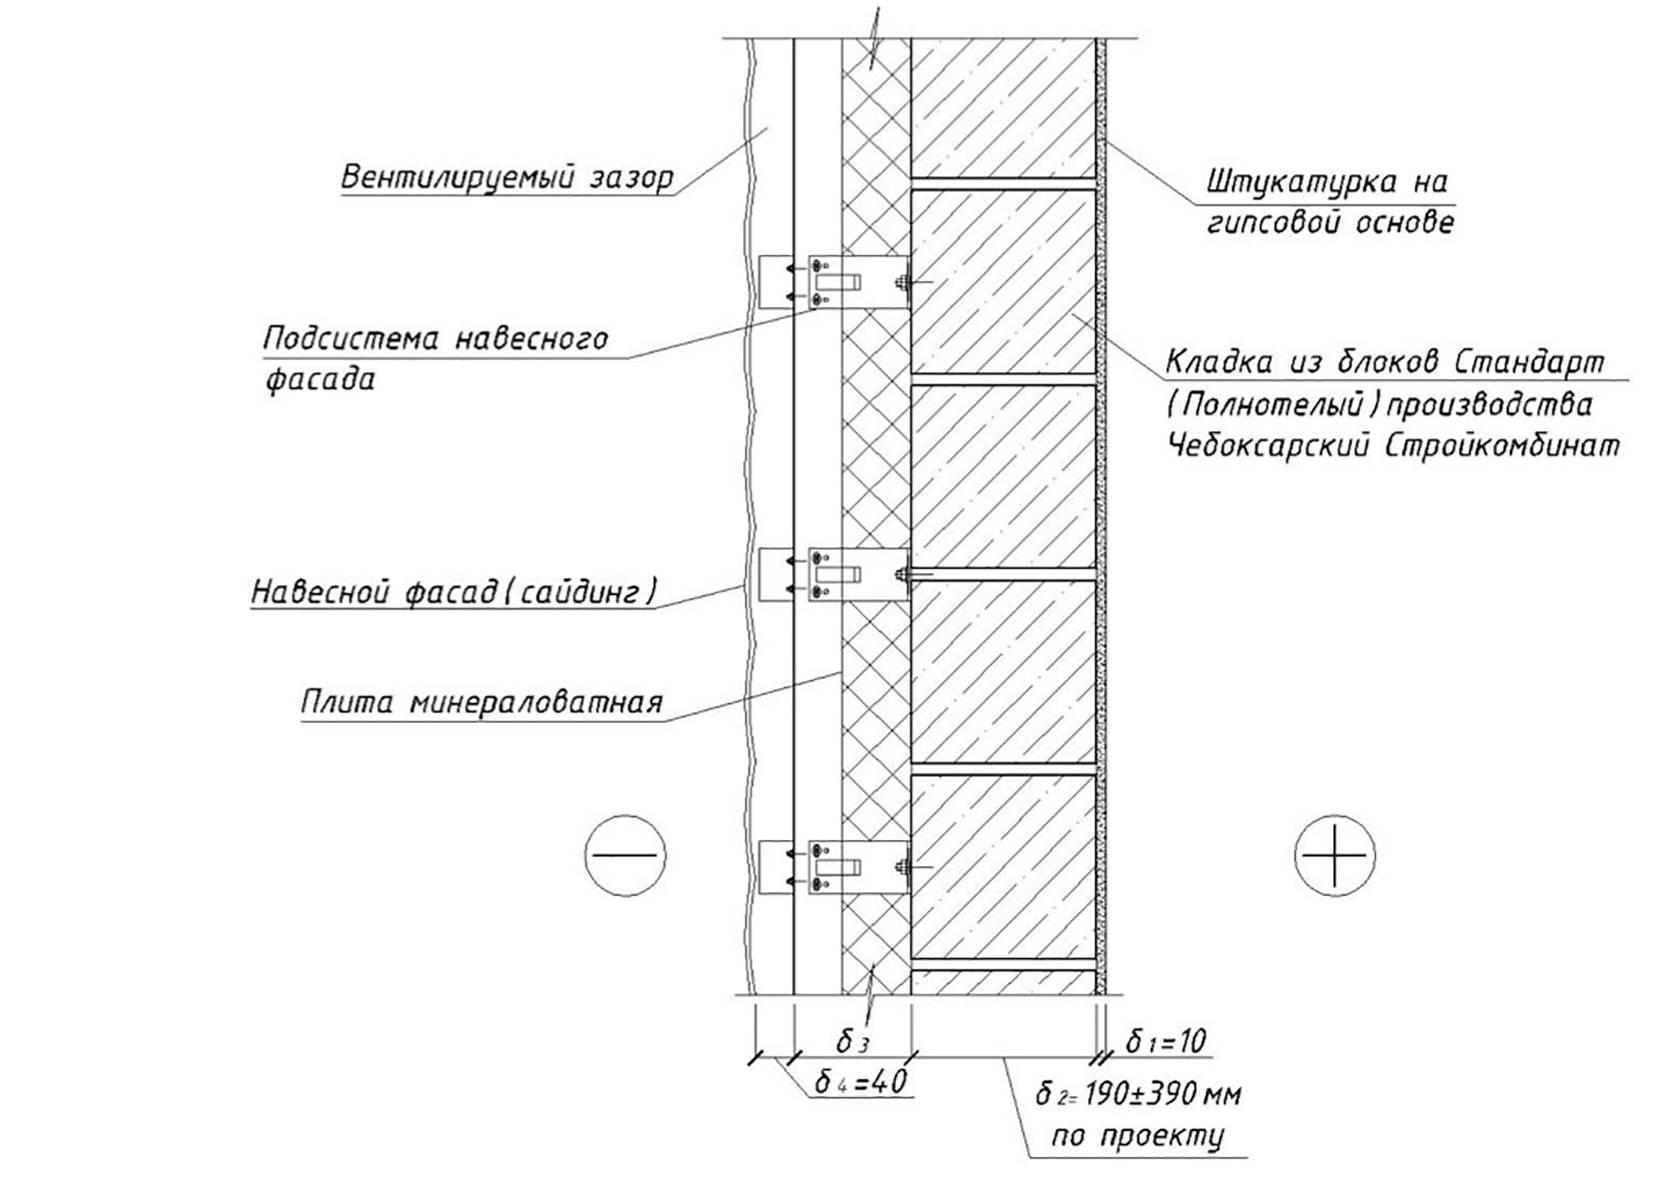 Баня из керамзитобетонных блоков: плюсы и минусы, советы по строительству